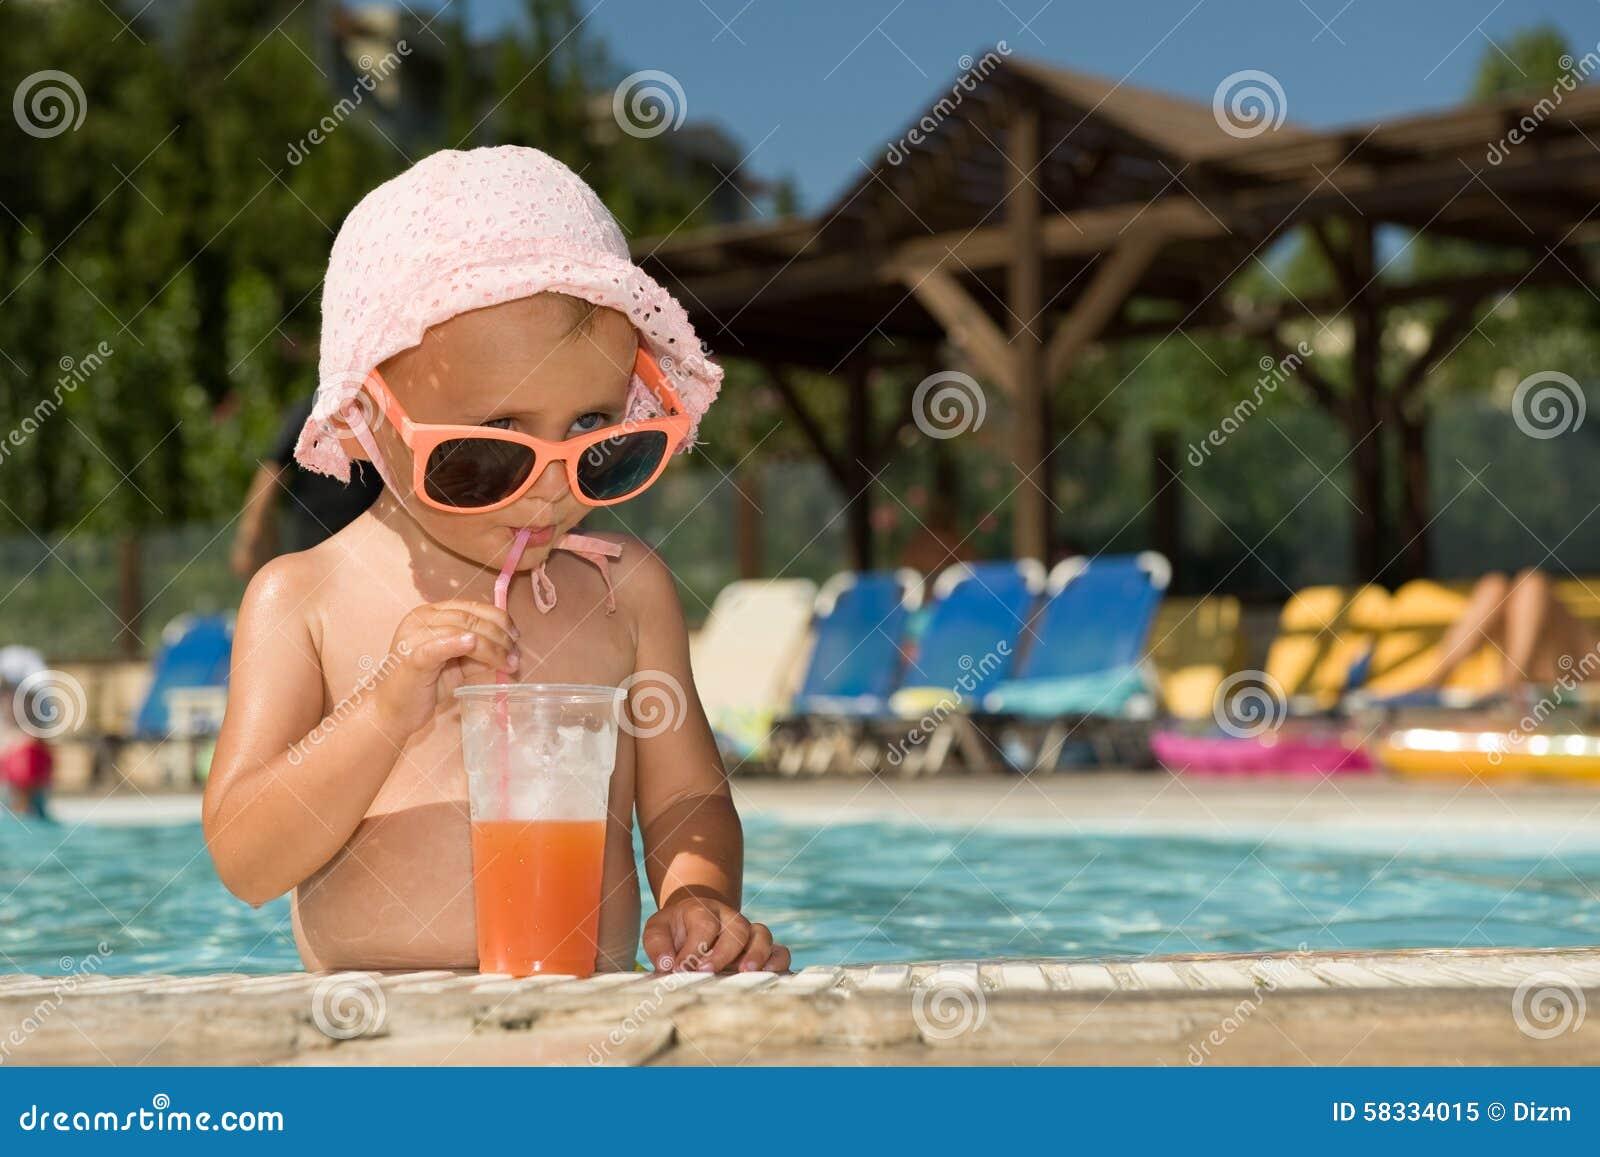 f96ffce43114b0 Petit bébé drôle avec les lunettes de soleil et le cocktail dans la piscine  extérieure